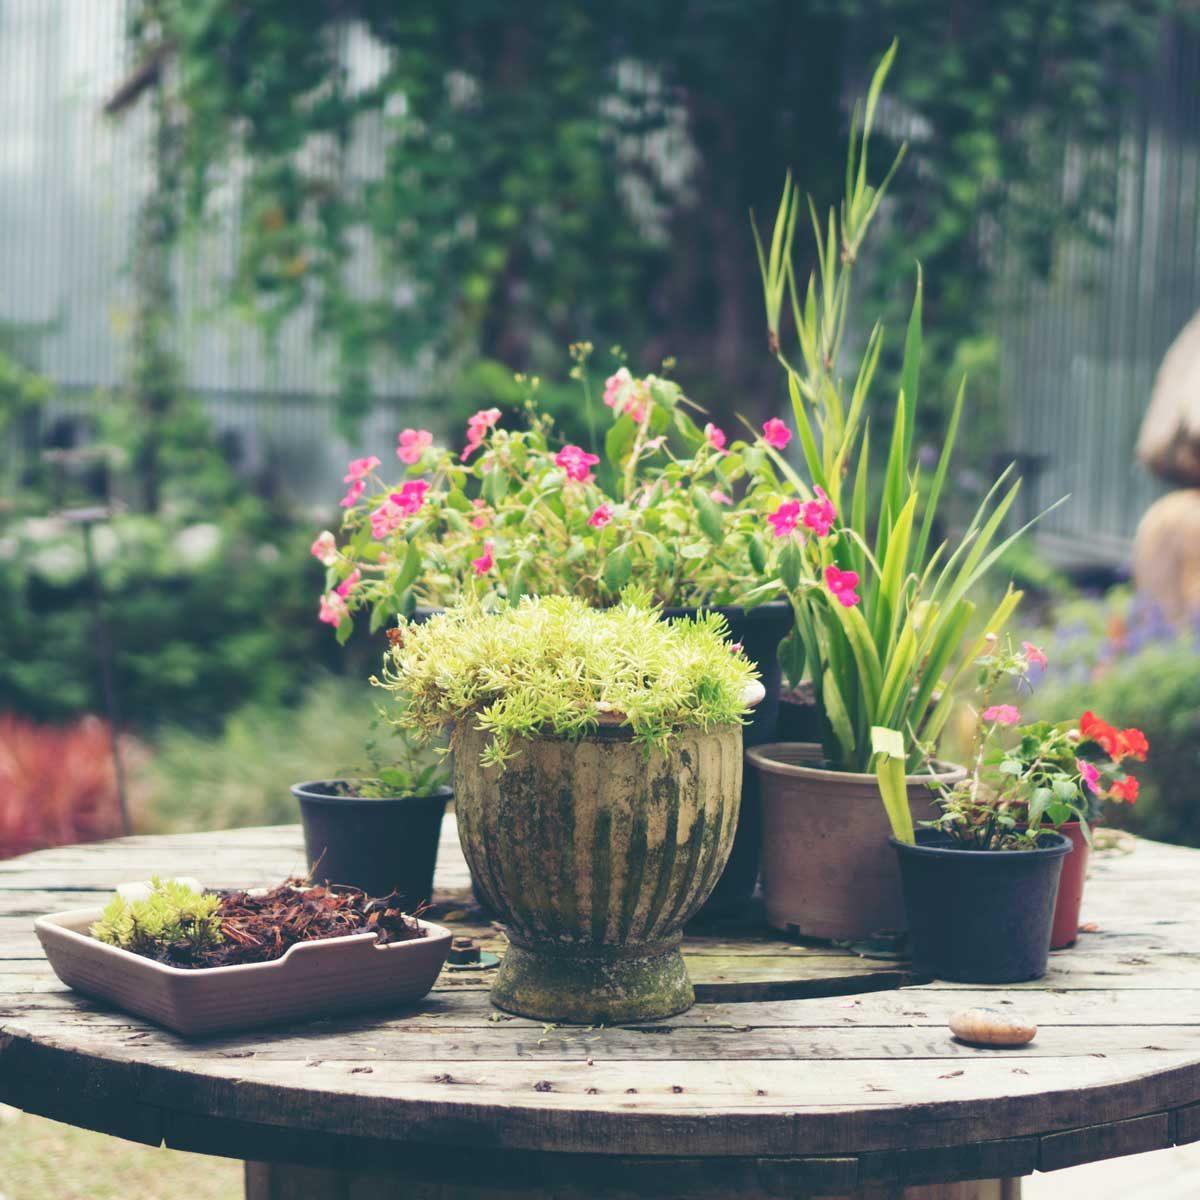 Plants in heat